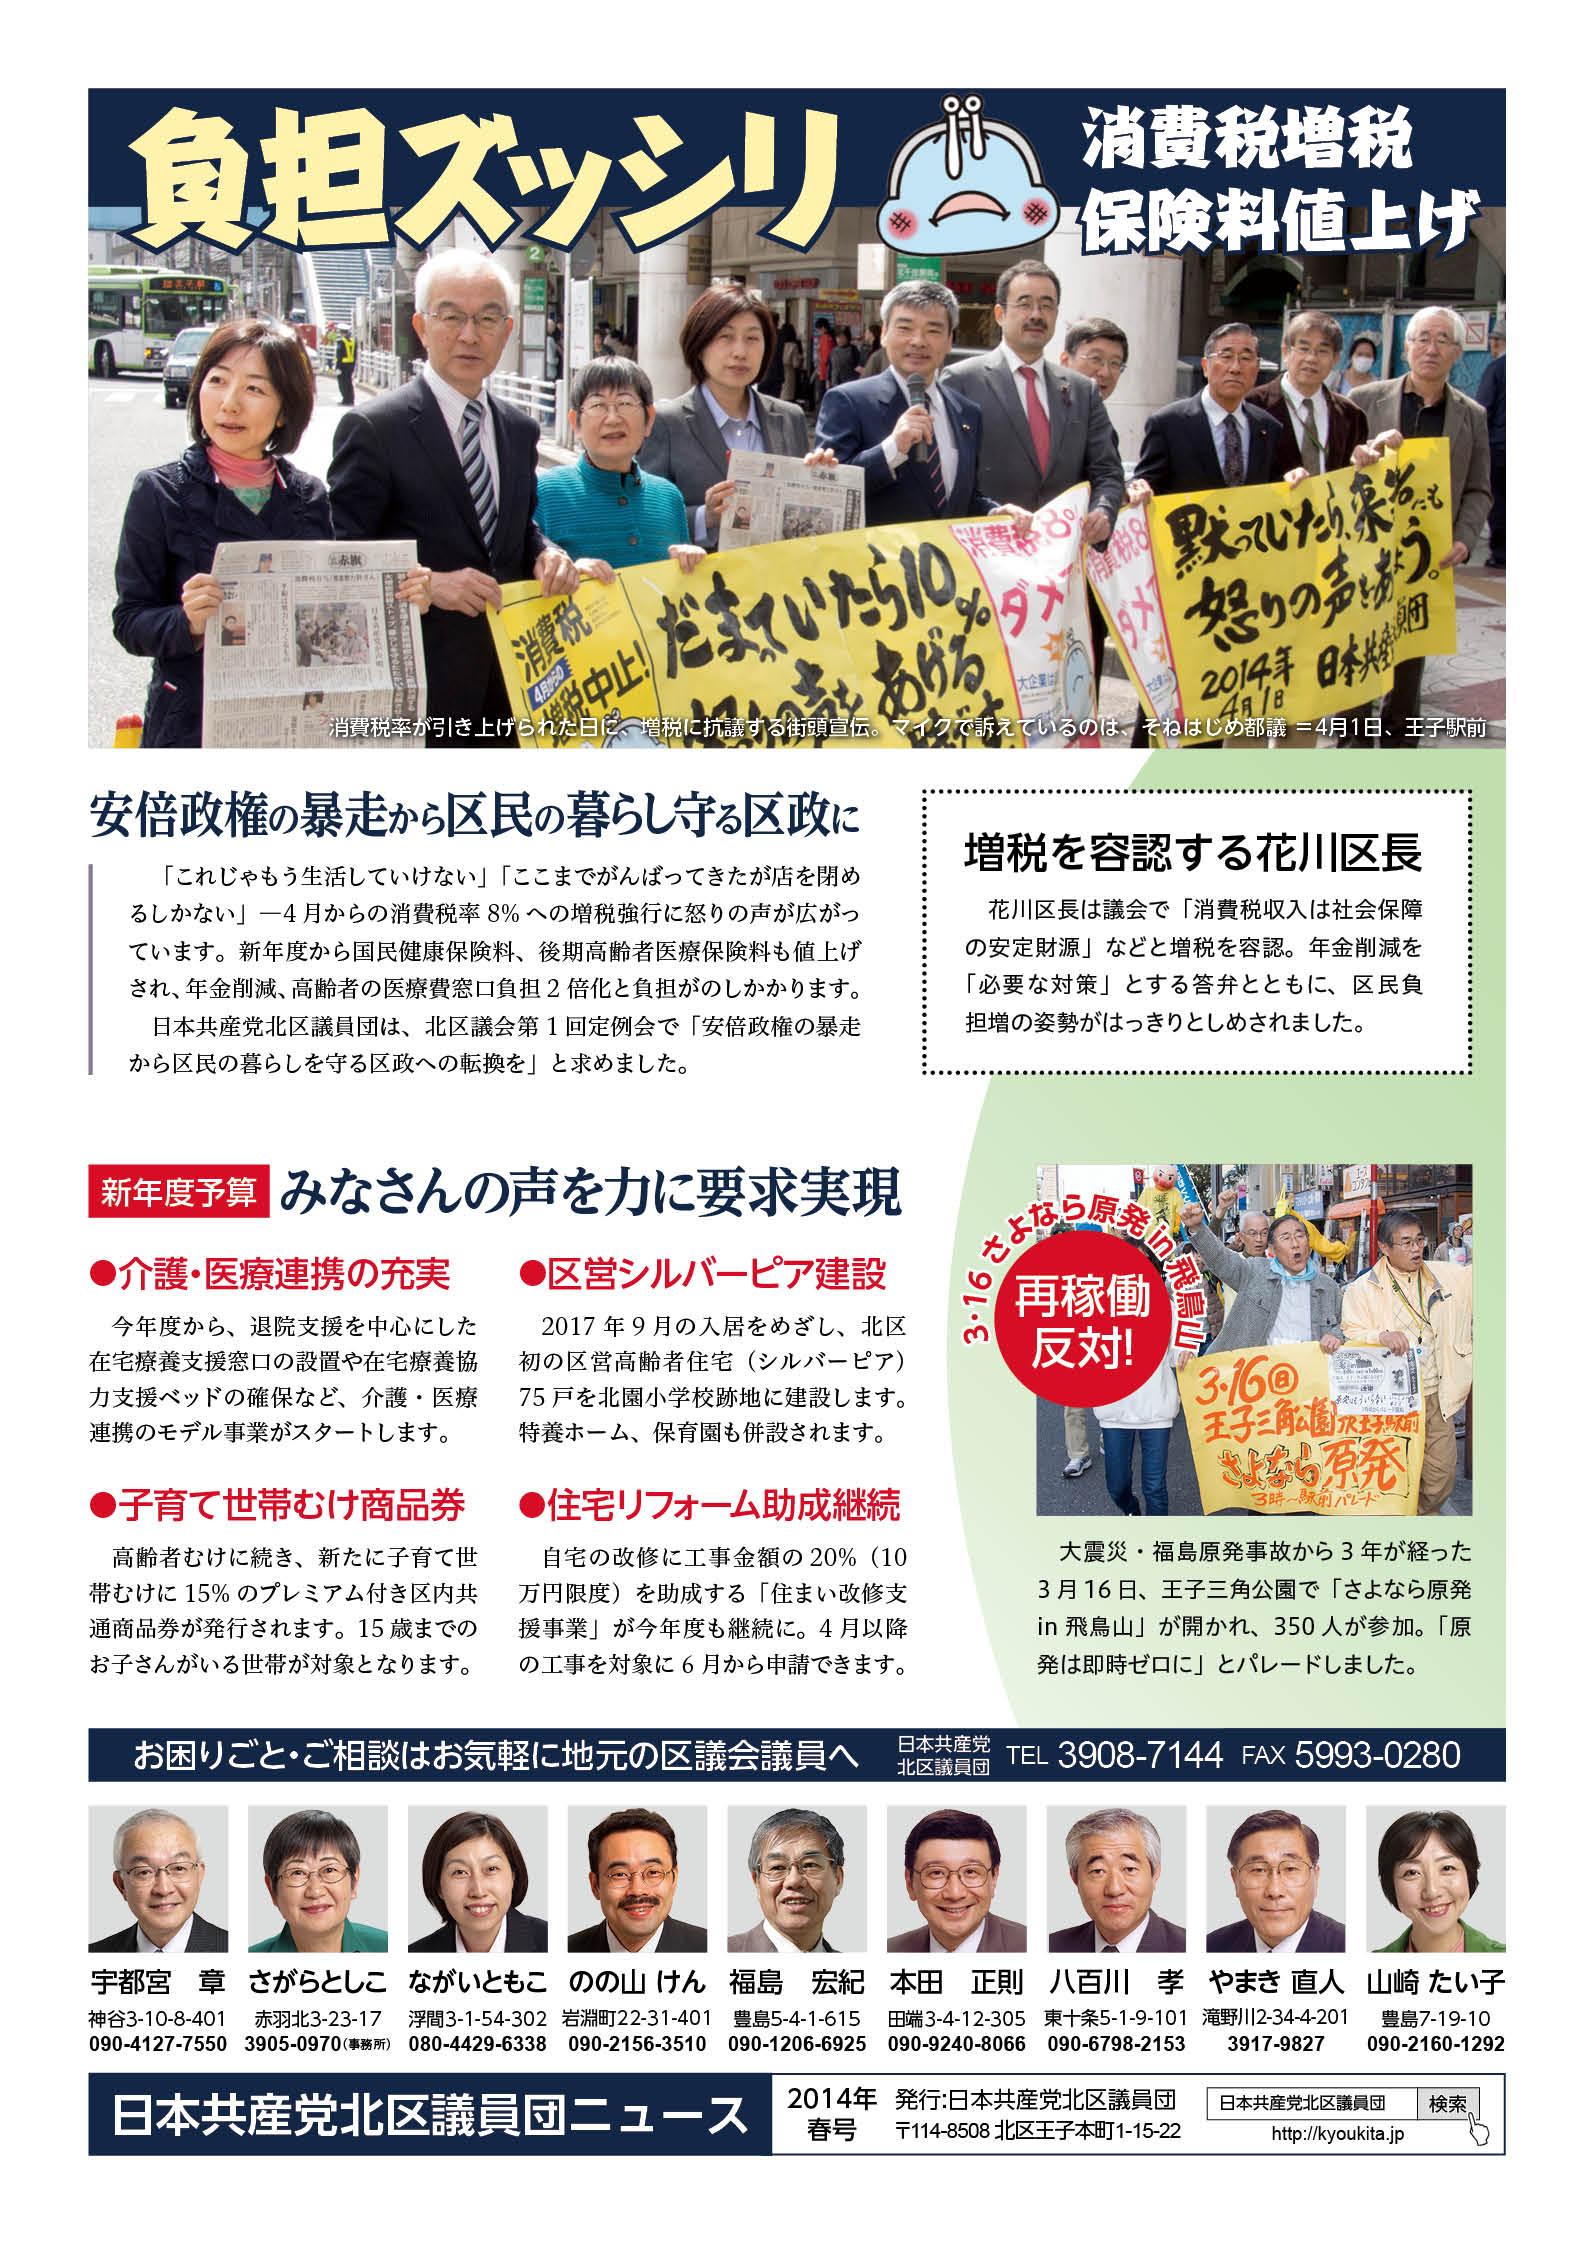 dan-news-2014-01